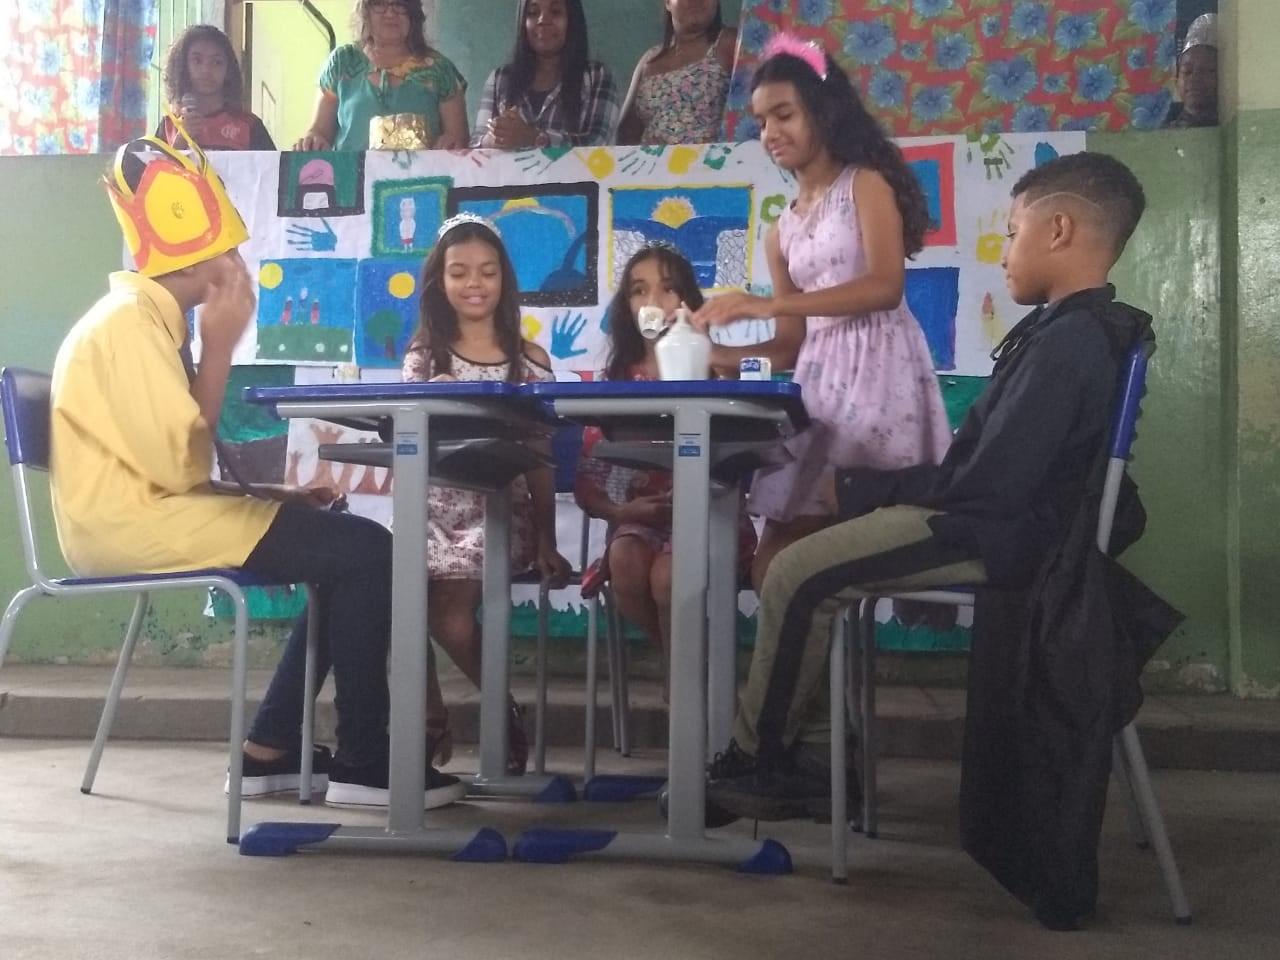 PREFEITURA DE SÃO MATEUS APROXIMA ESTUDANTES DA ESCOLA FILADELFO COM O MUNDO DA LITERATURA